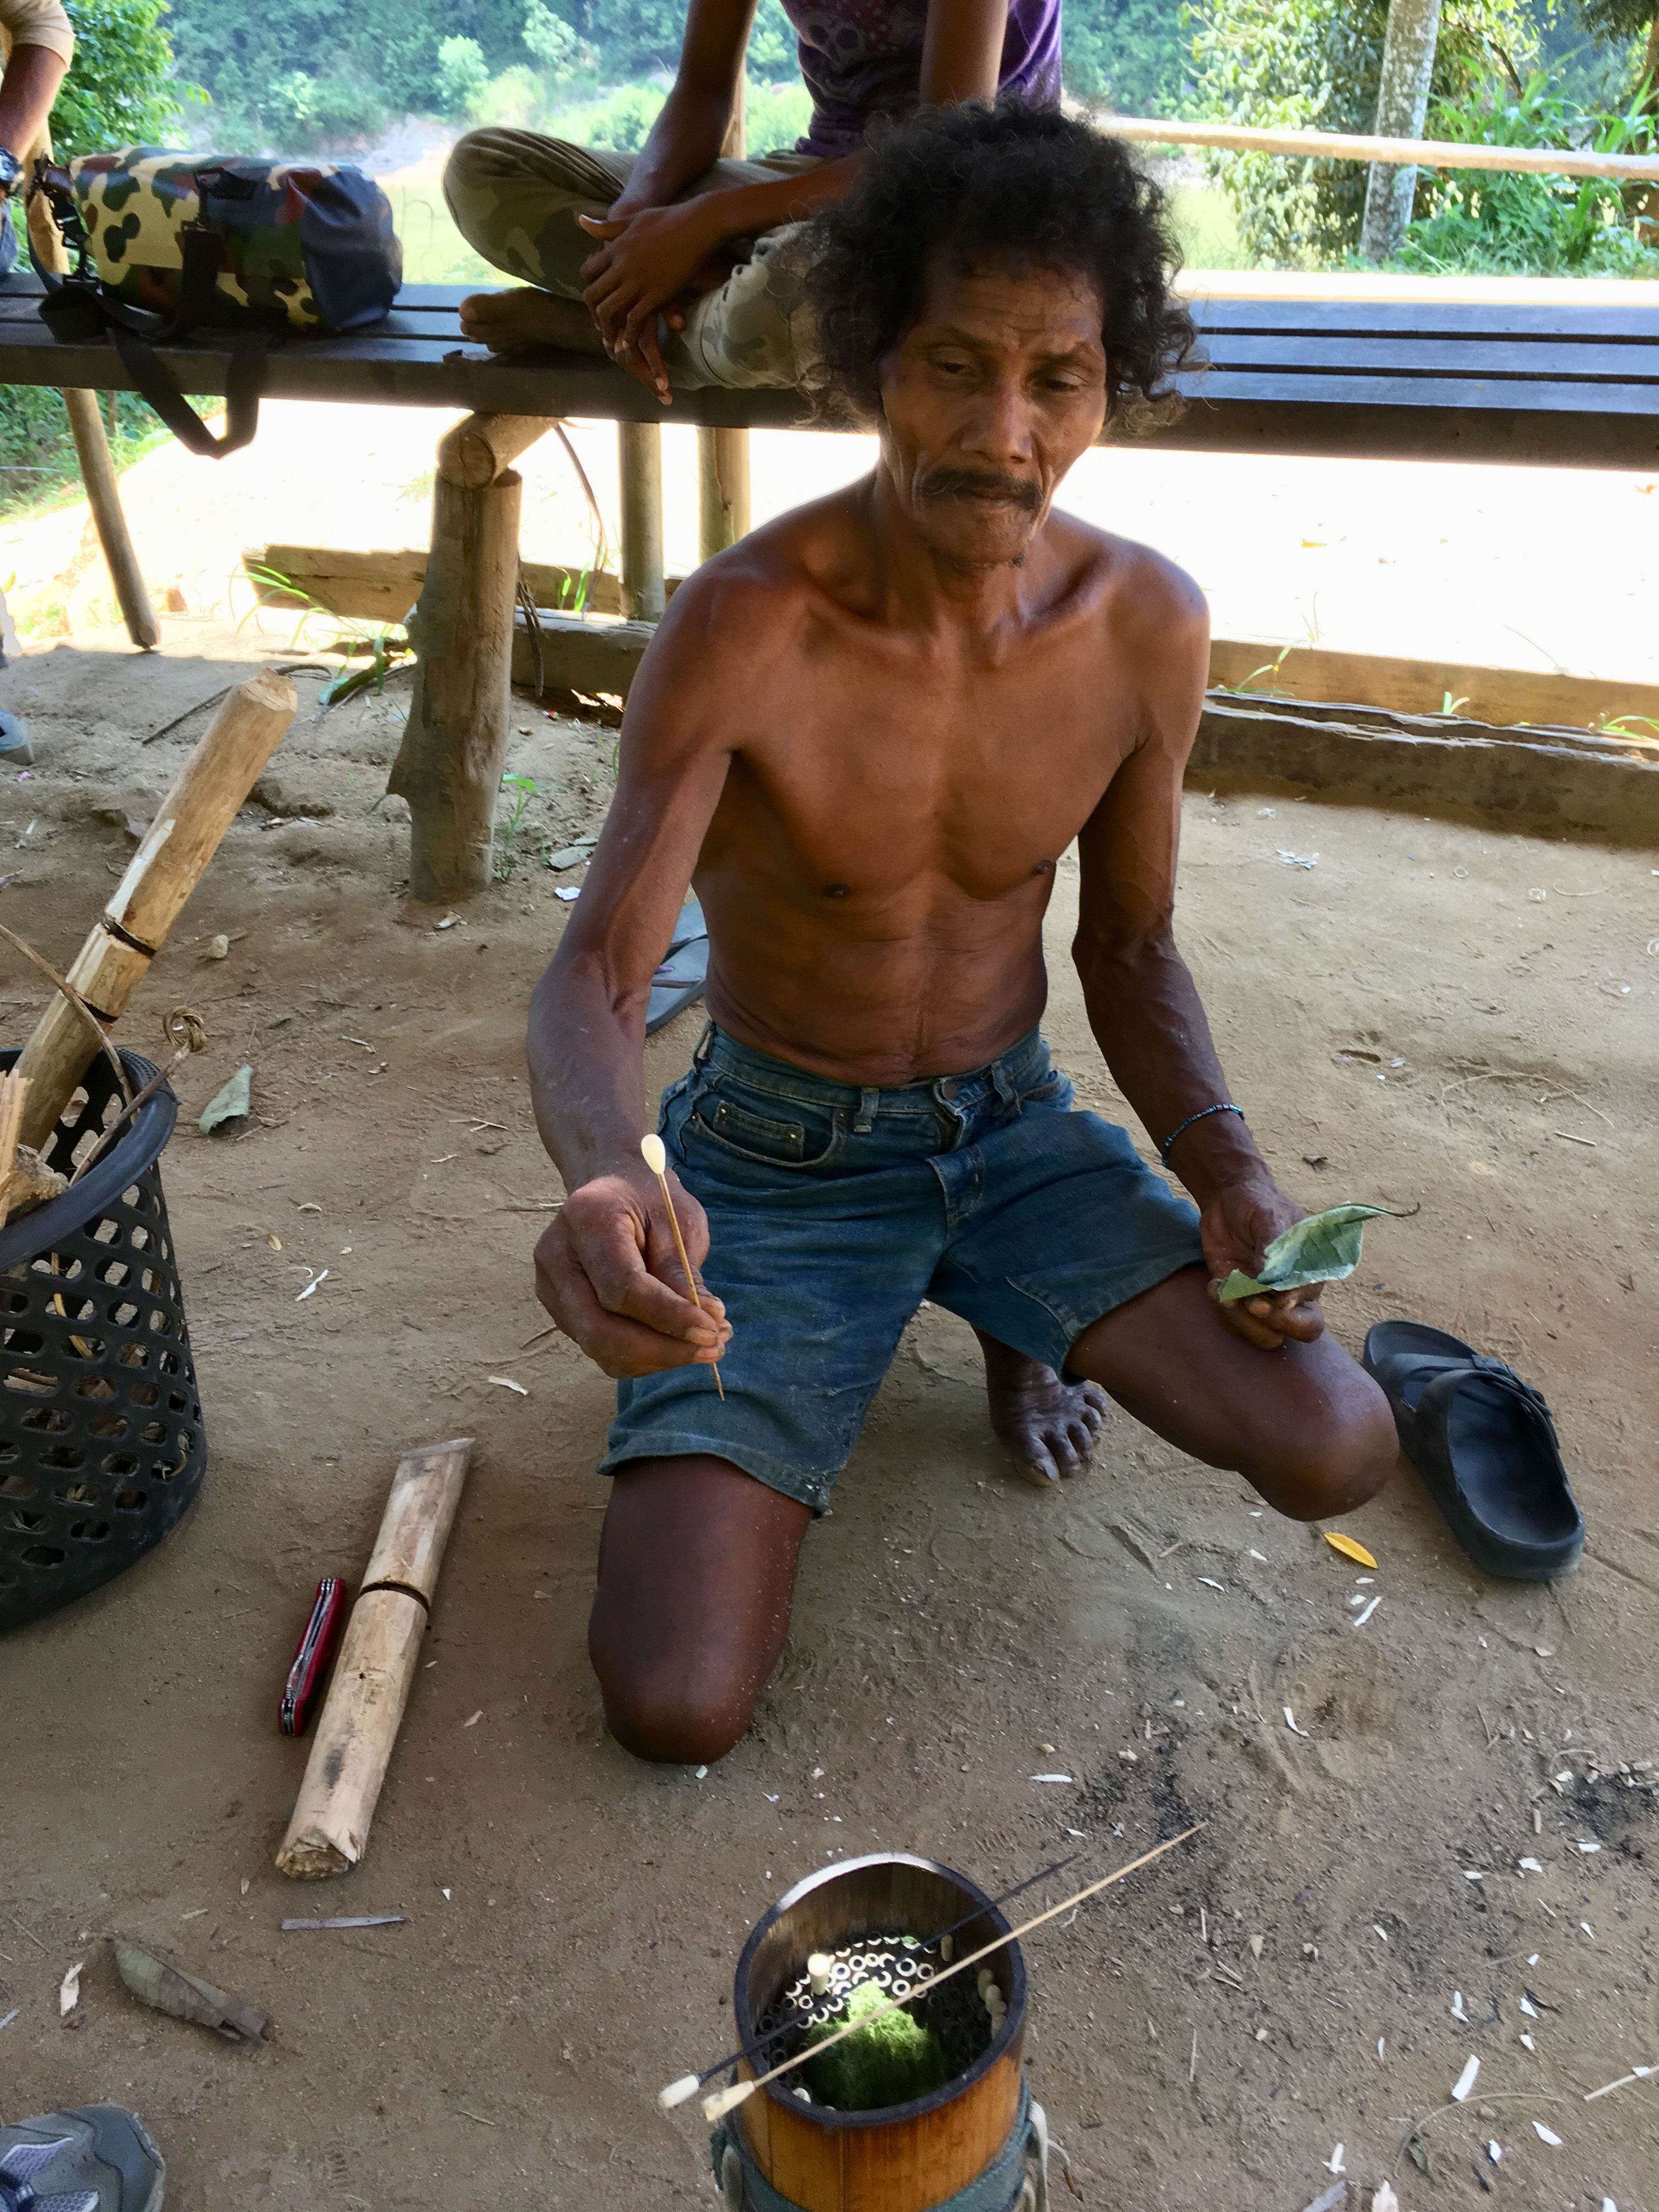 Malaysia, Orang Asli Tribe, Taman Negara